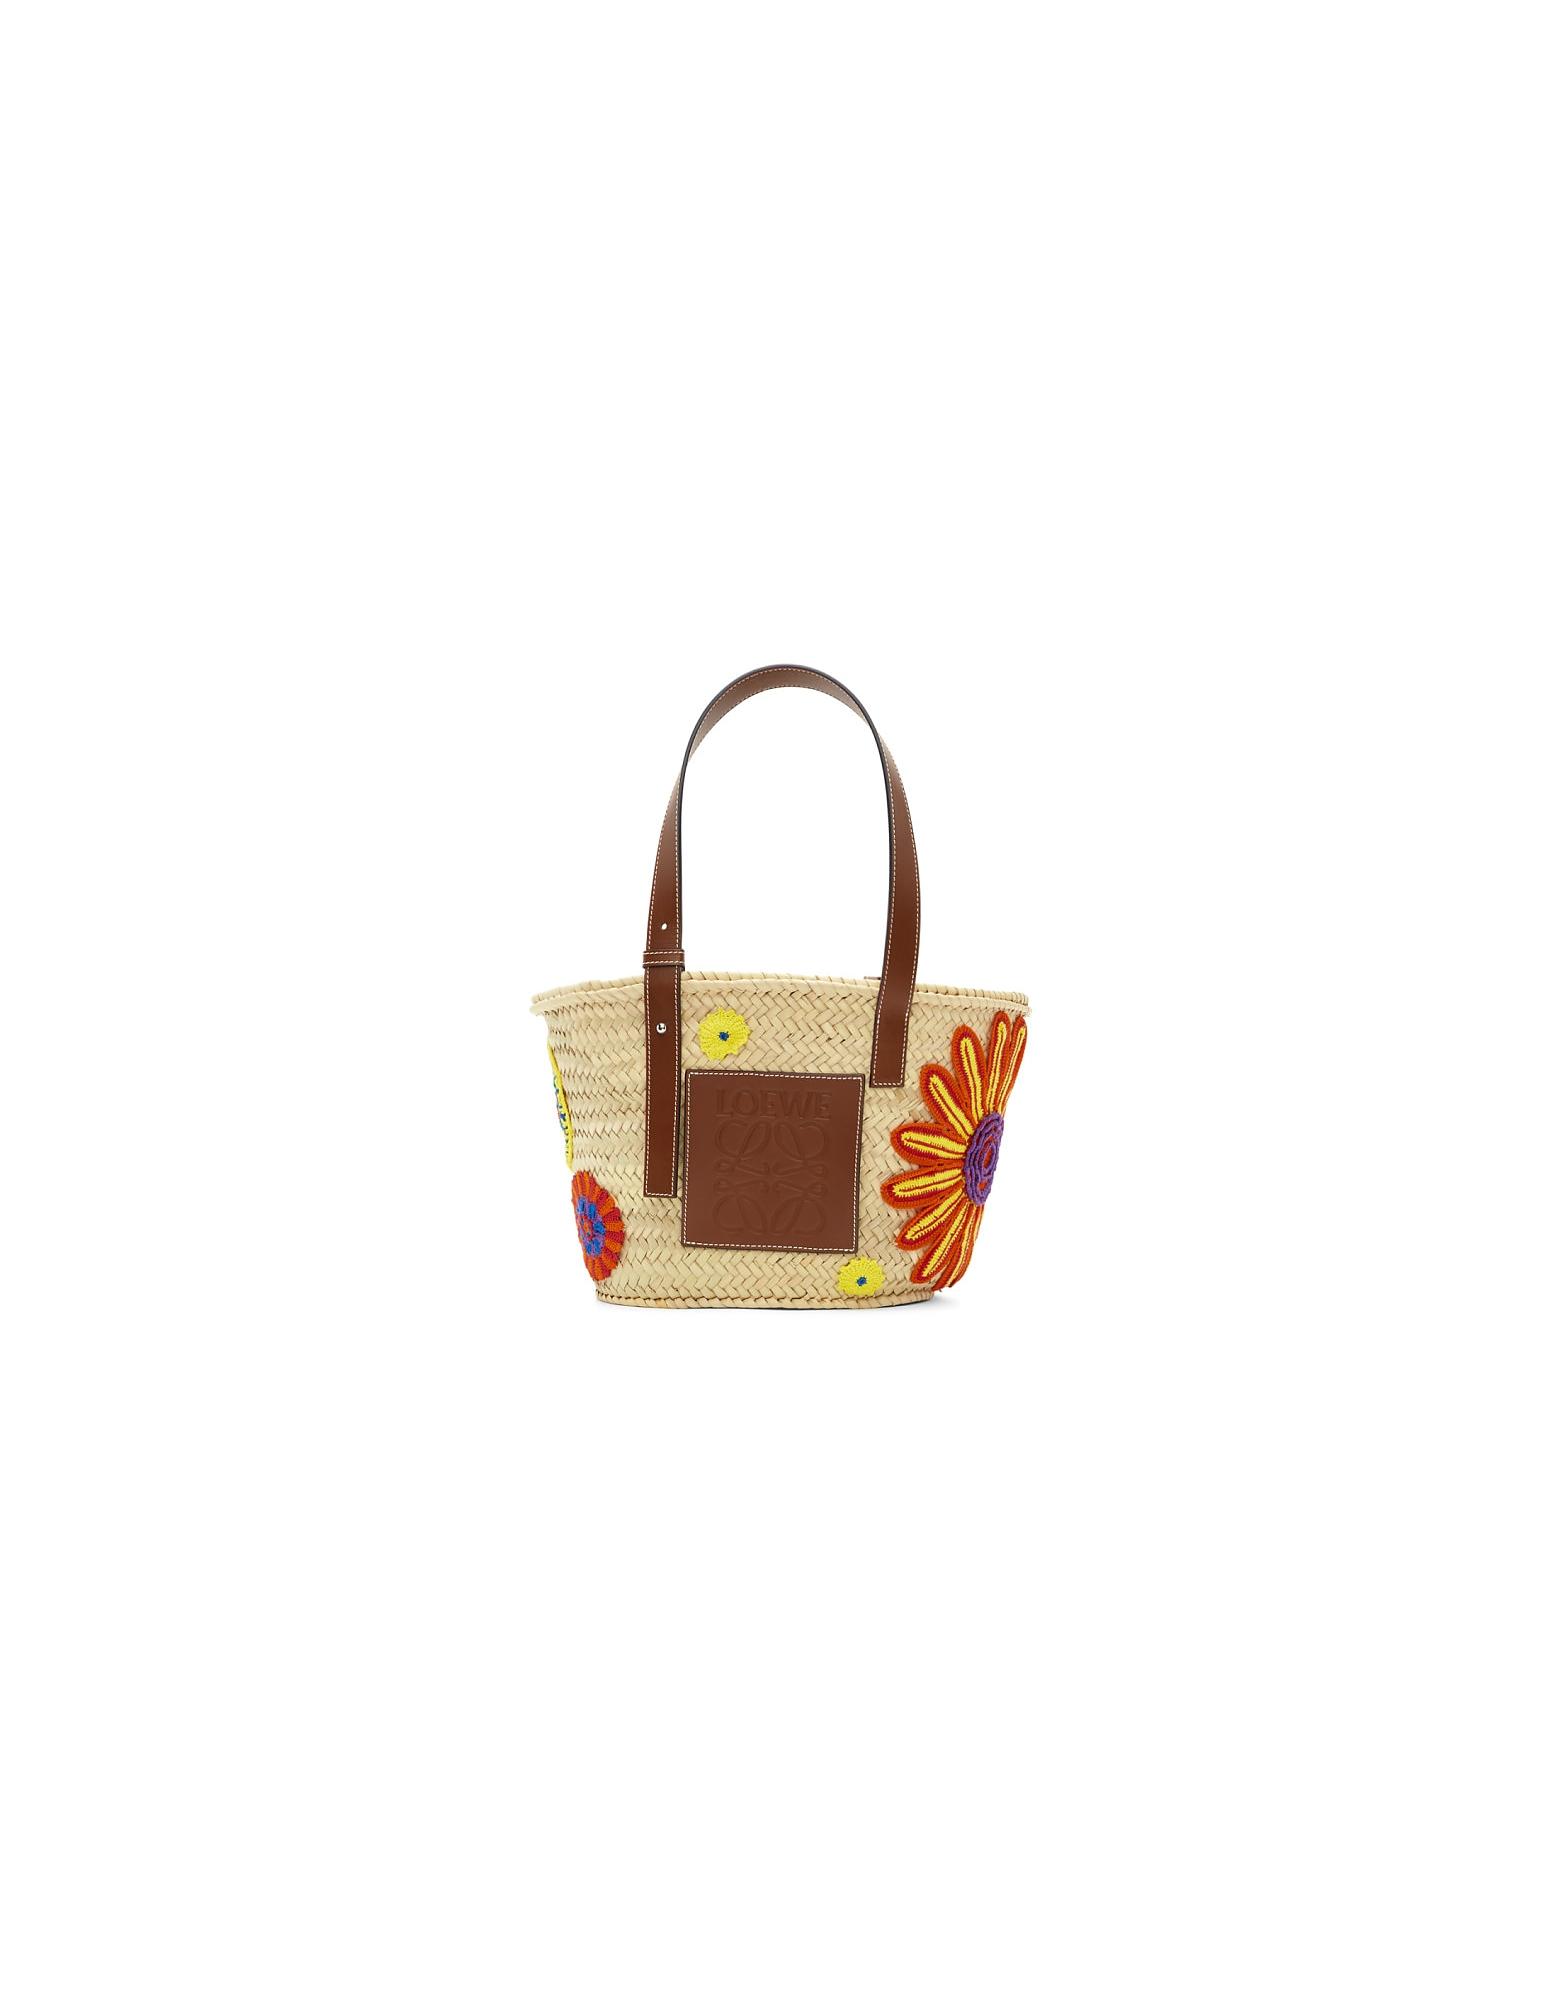 Loewe Designer Handbags, Beige Flowers Basket Tote